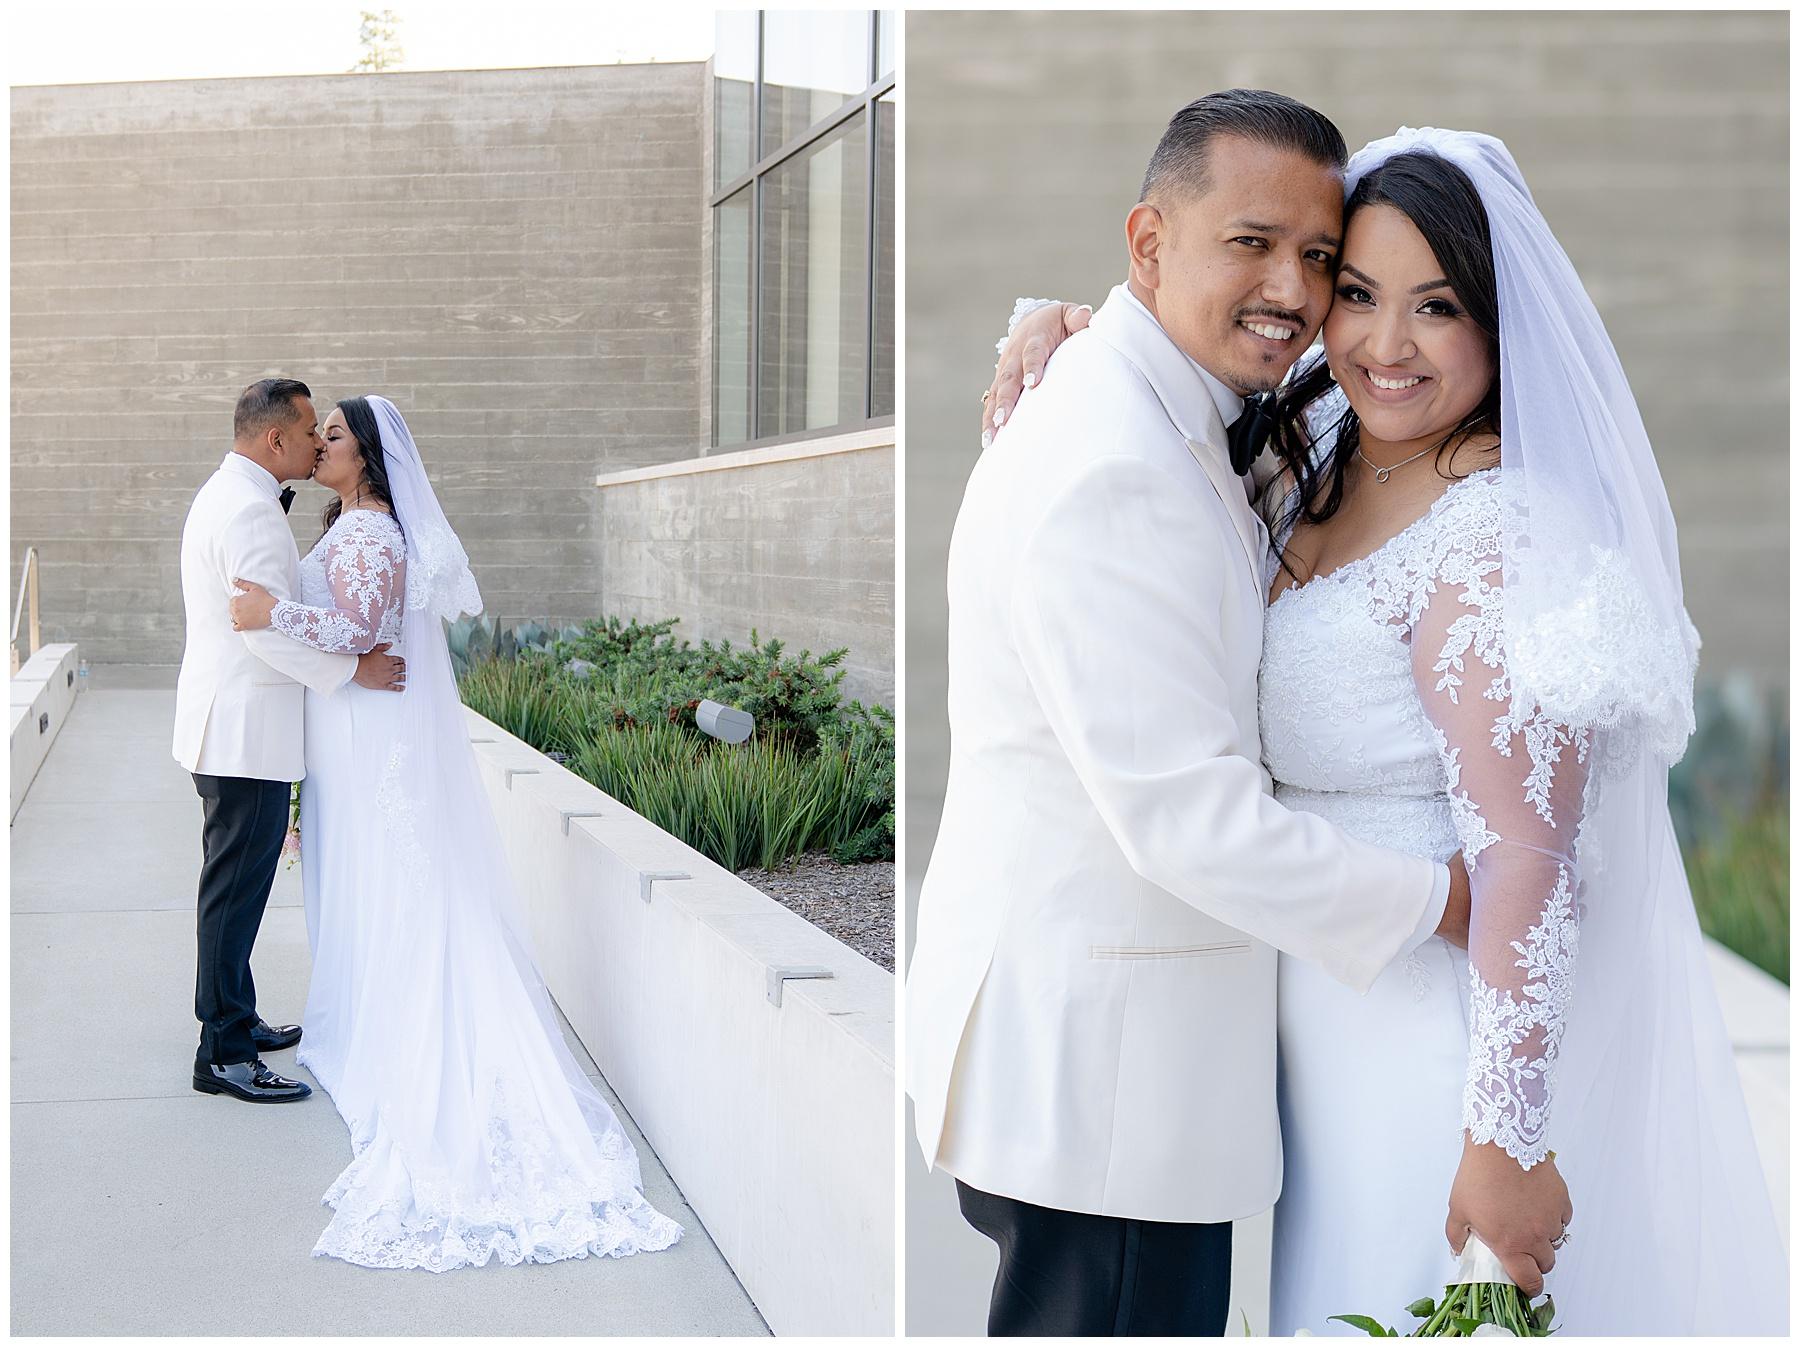 church wedding portrait